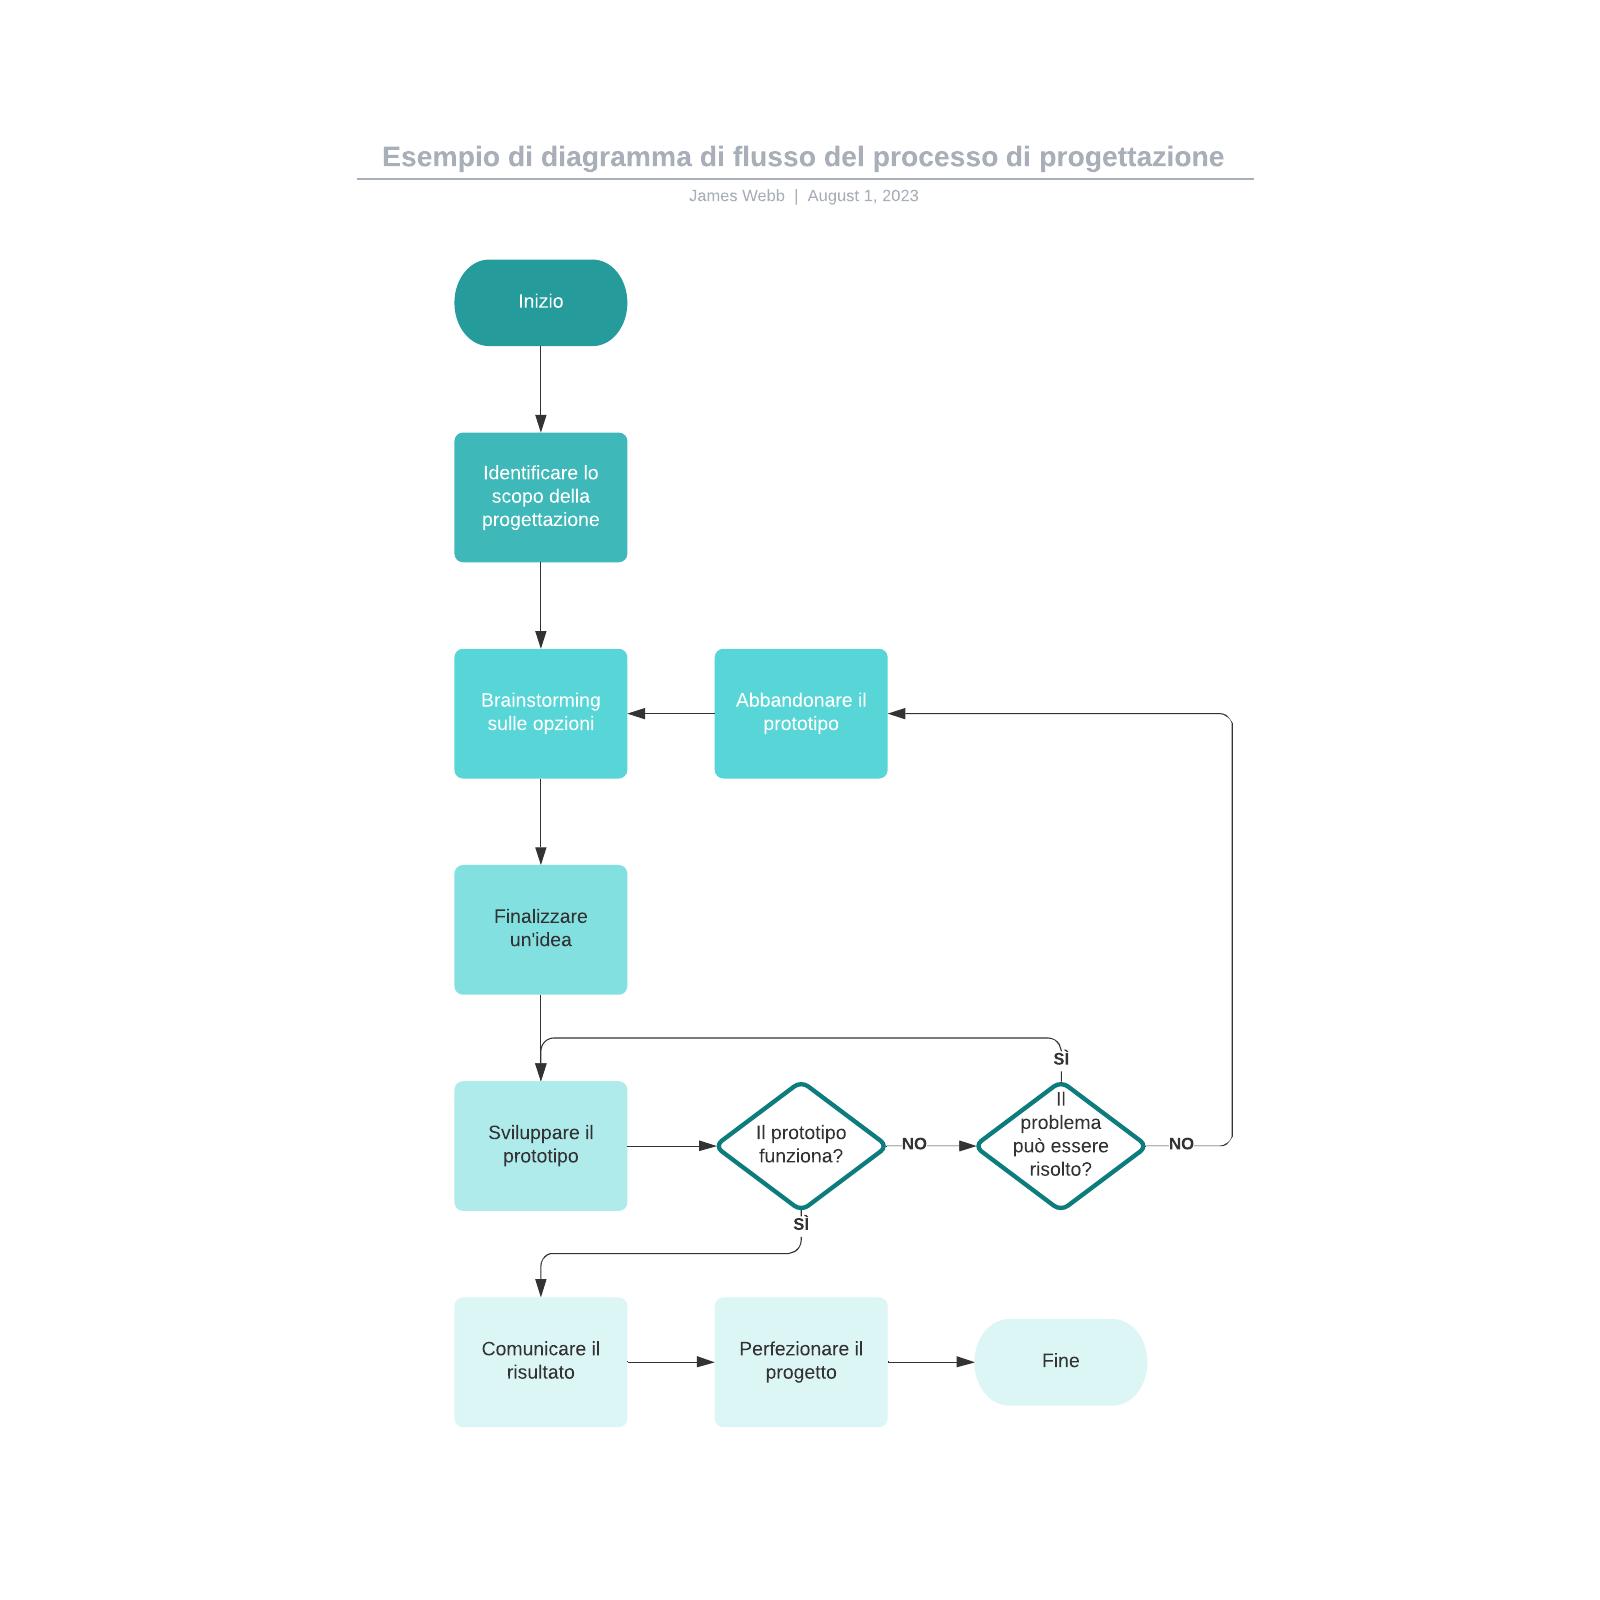 Esempio di diagramma di flusso del processo di progettazione